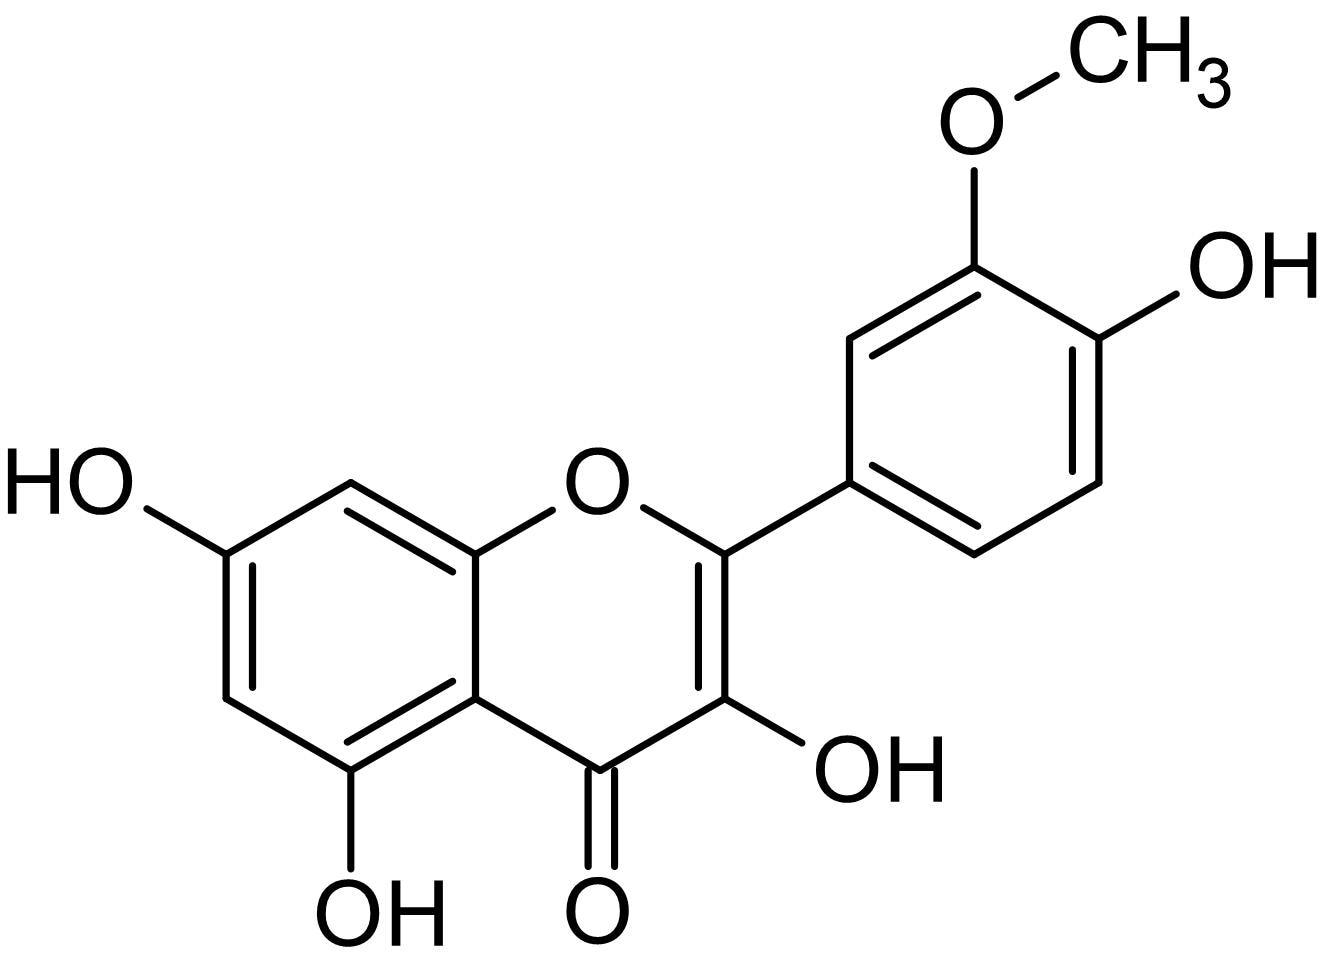 Chemical Structure - Isorhamnetin, Antioxidant agent (ab142622)